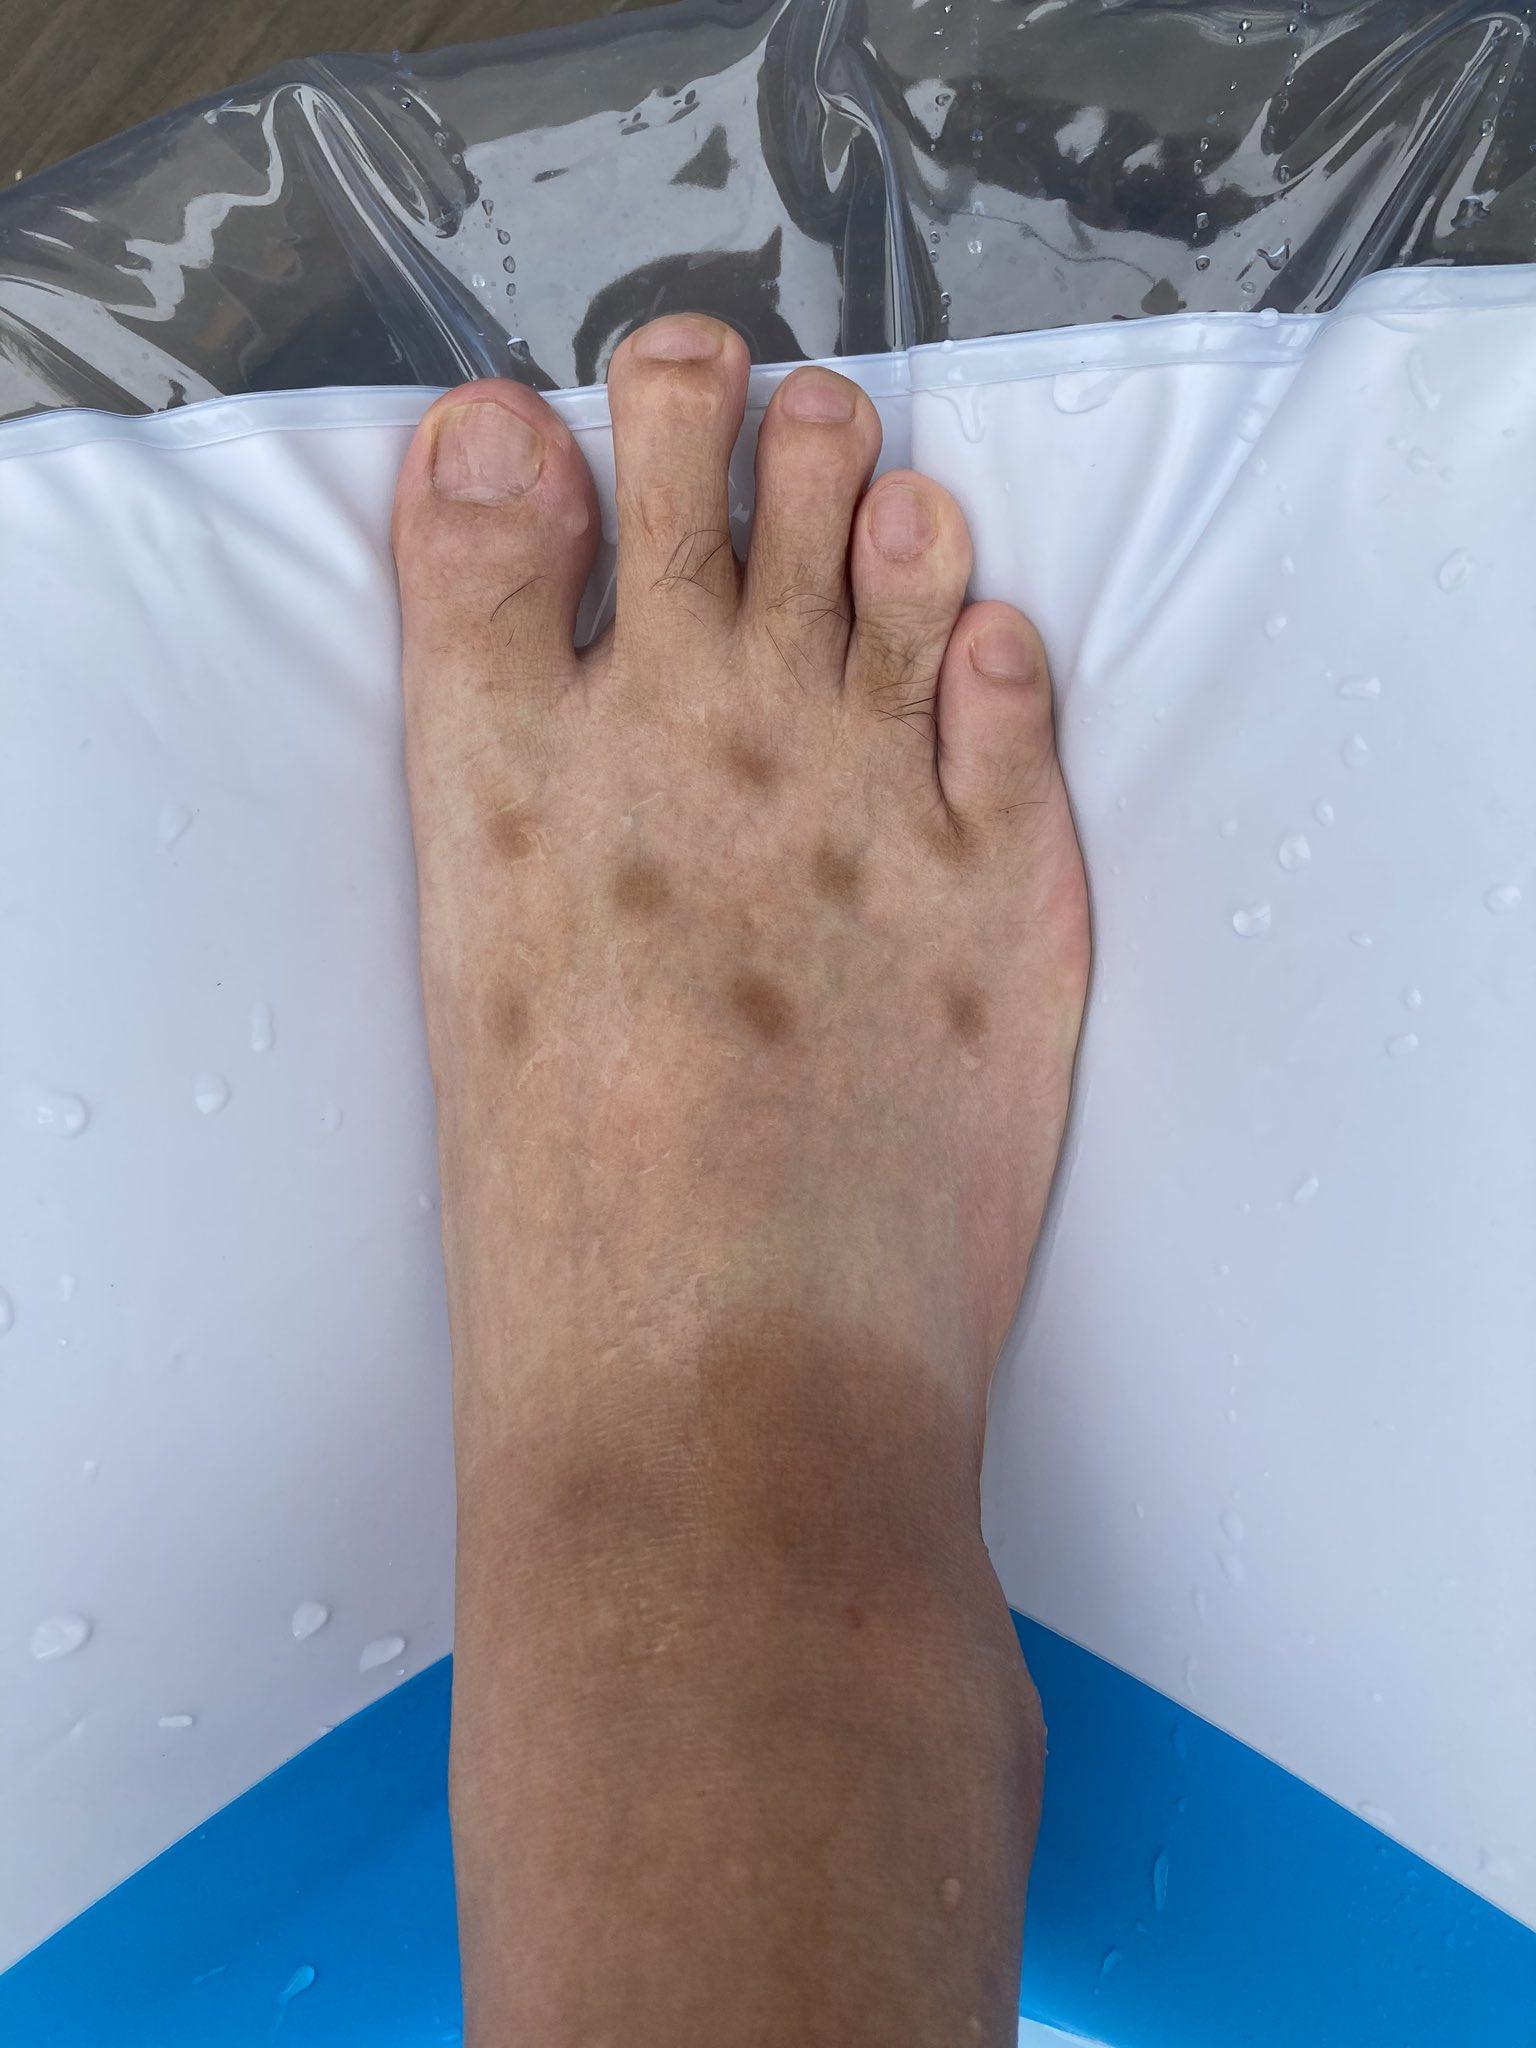 足に広がる謎の斑点01